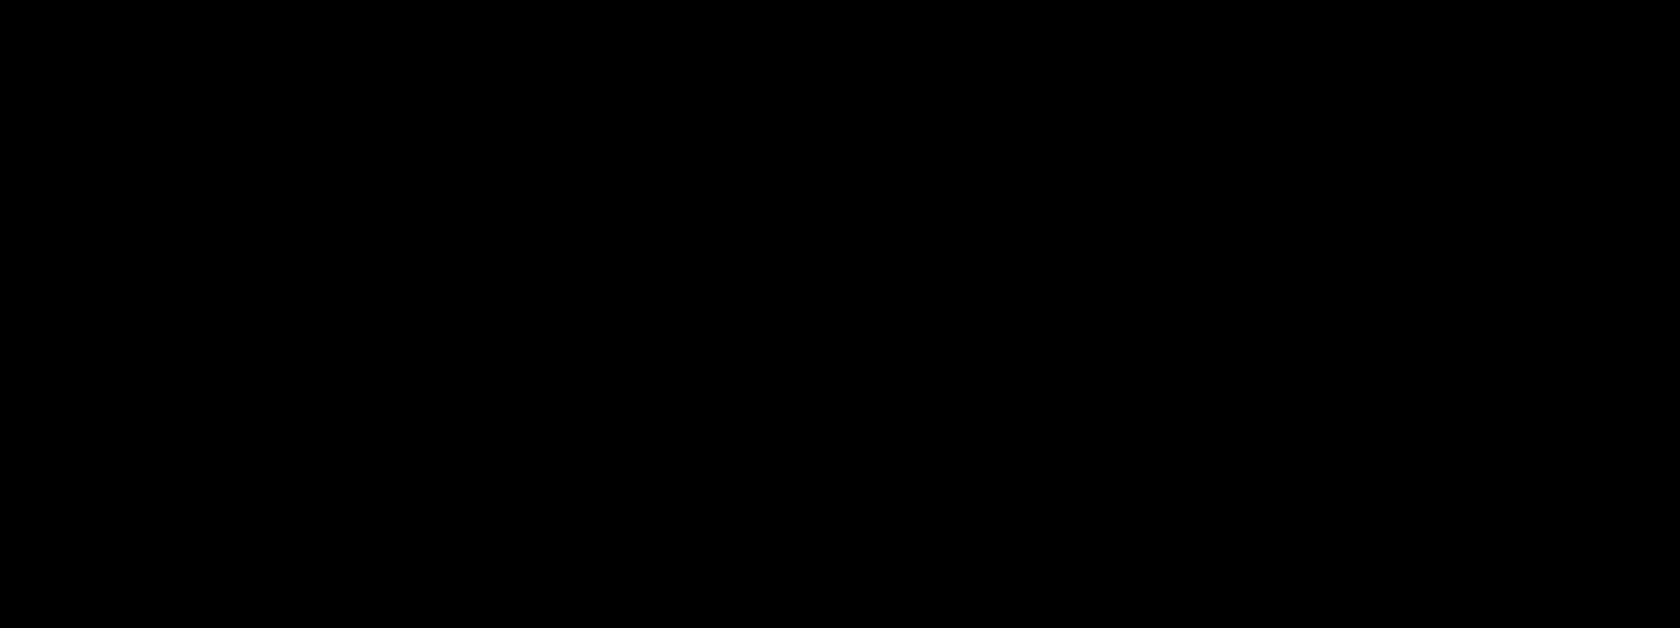 N-Benzyl Ciprofloxacin Benzyl Ester